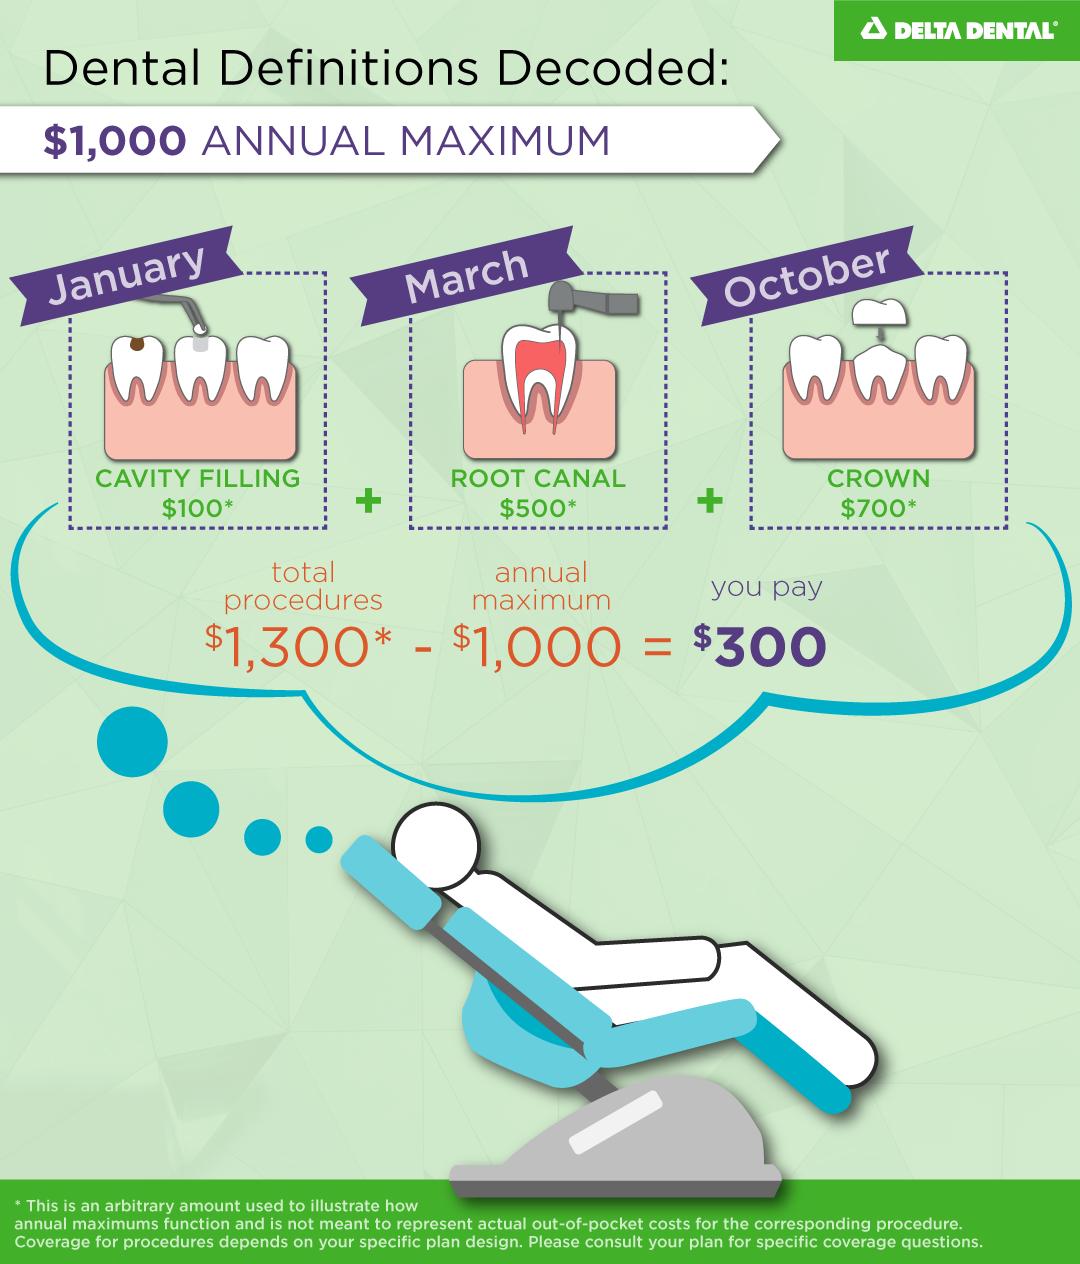 Dental Benefits Explained Dental Benefits Dental Dental Coverage